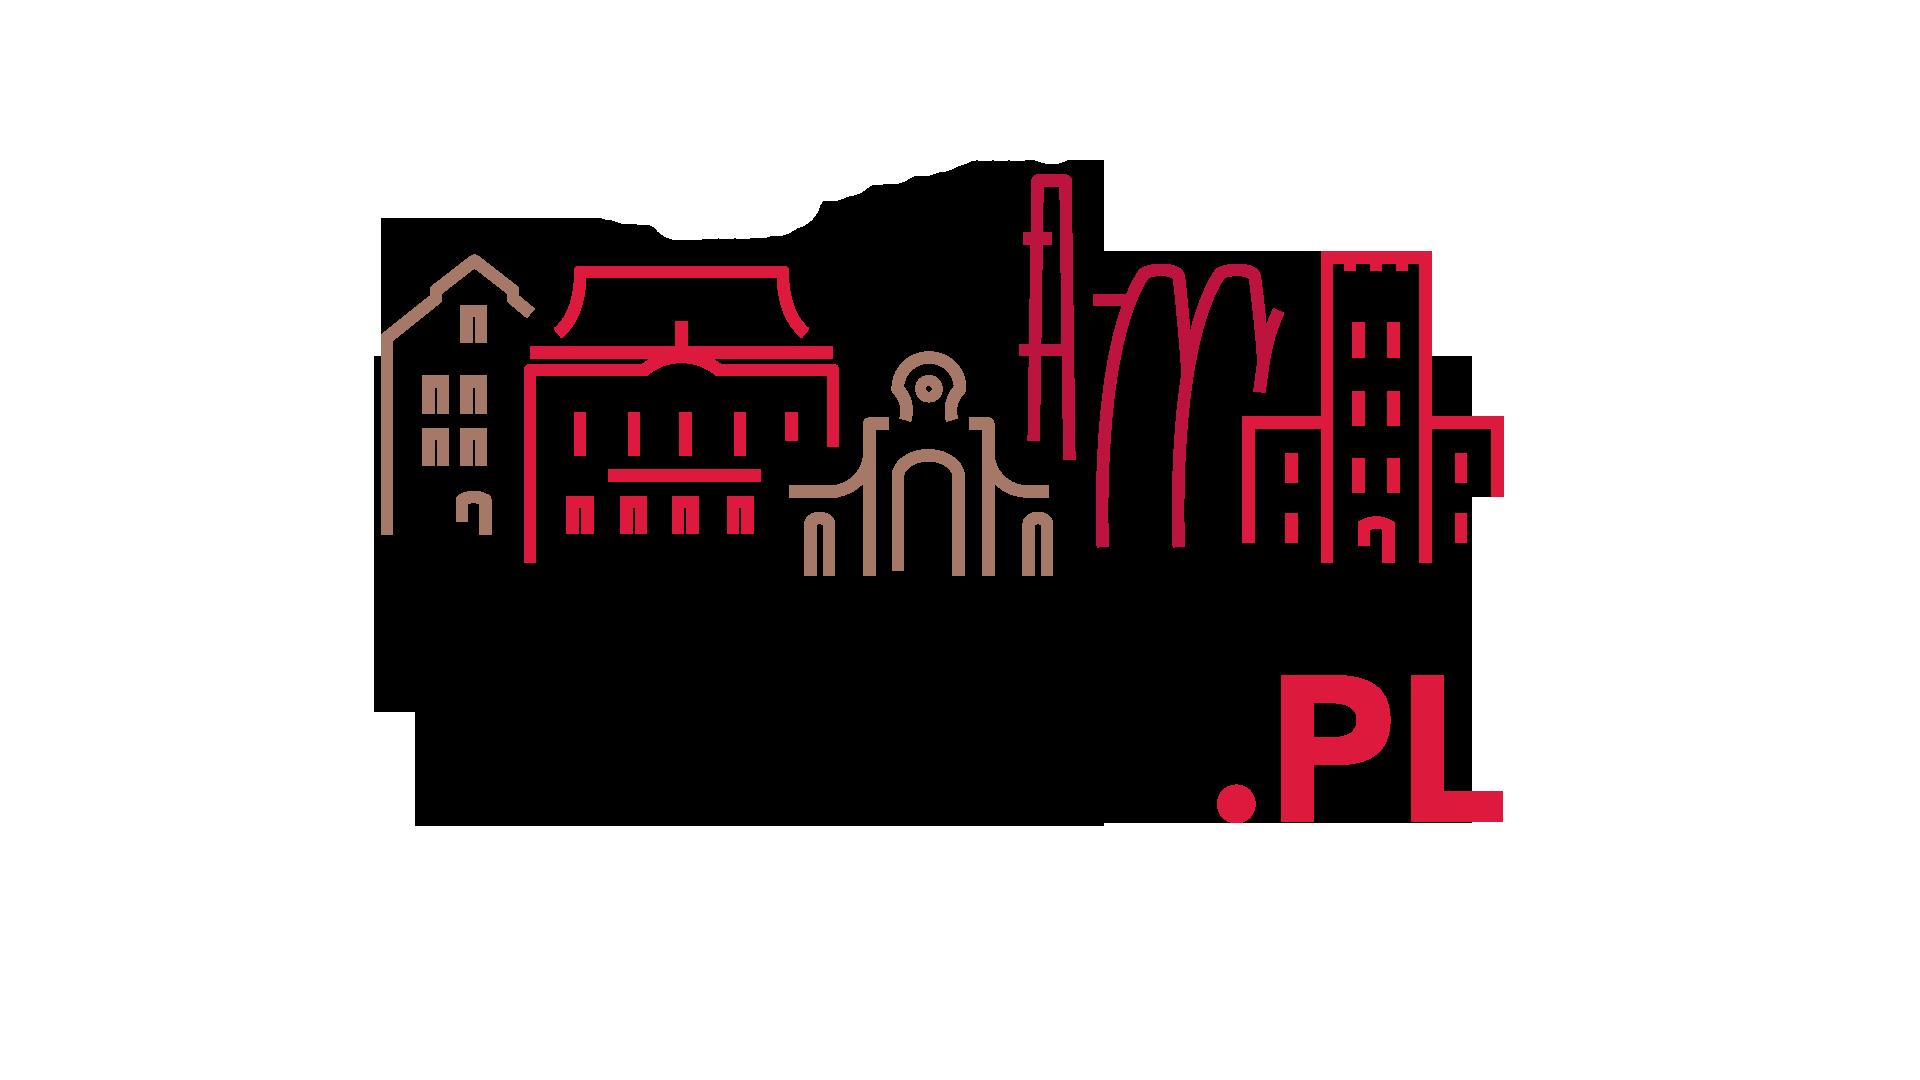 TuŁódź.pl - Reklama NSK 2020